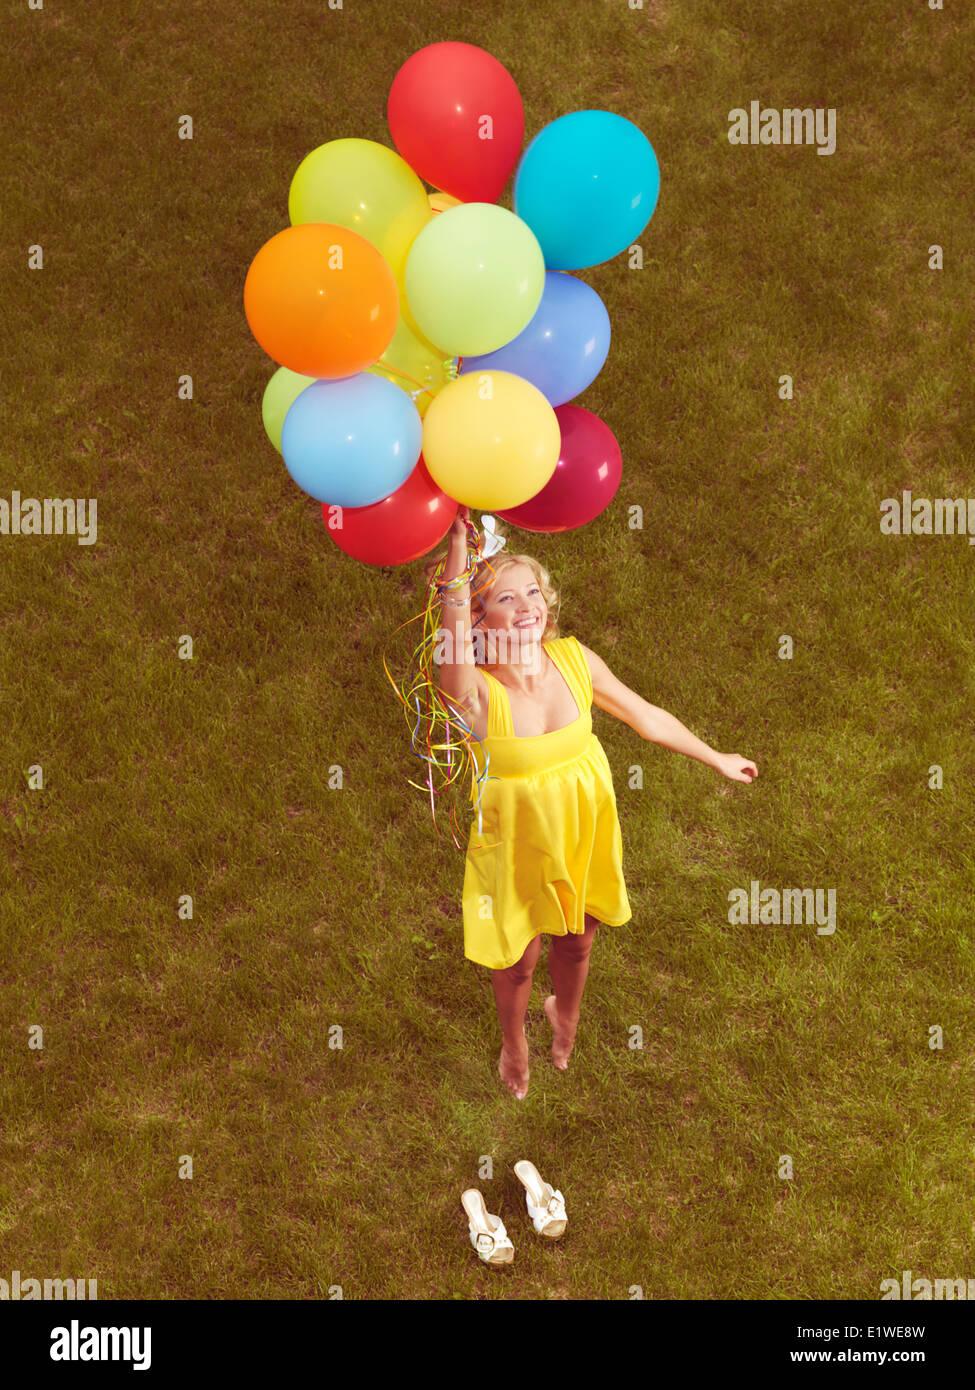 Happy young woman in yellow robe d'flying up depuis le sol avec des ballons d'hélium, retro photo stylisée. Photo Stock